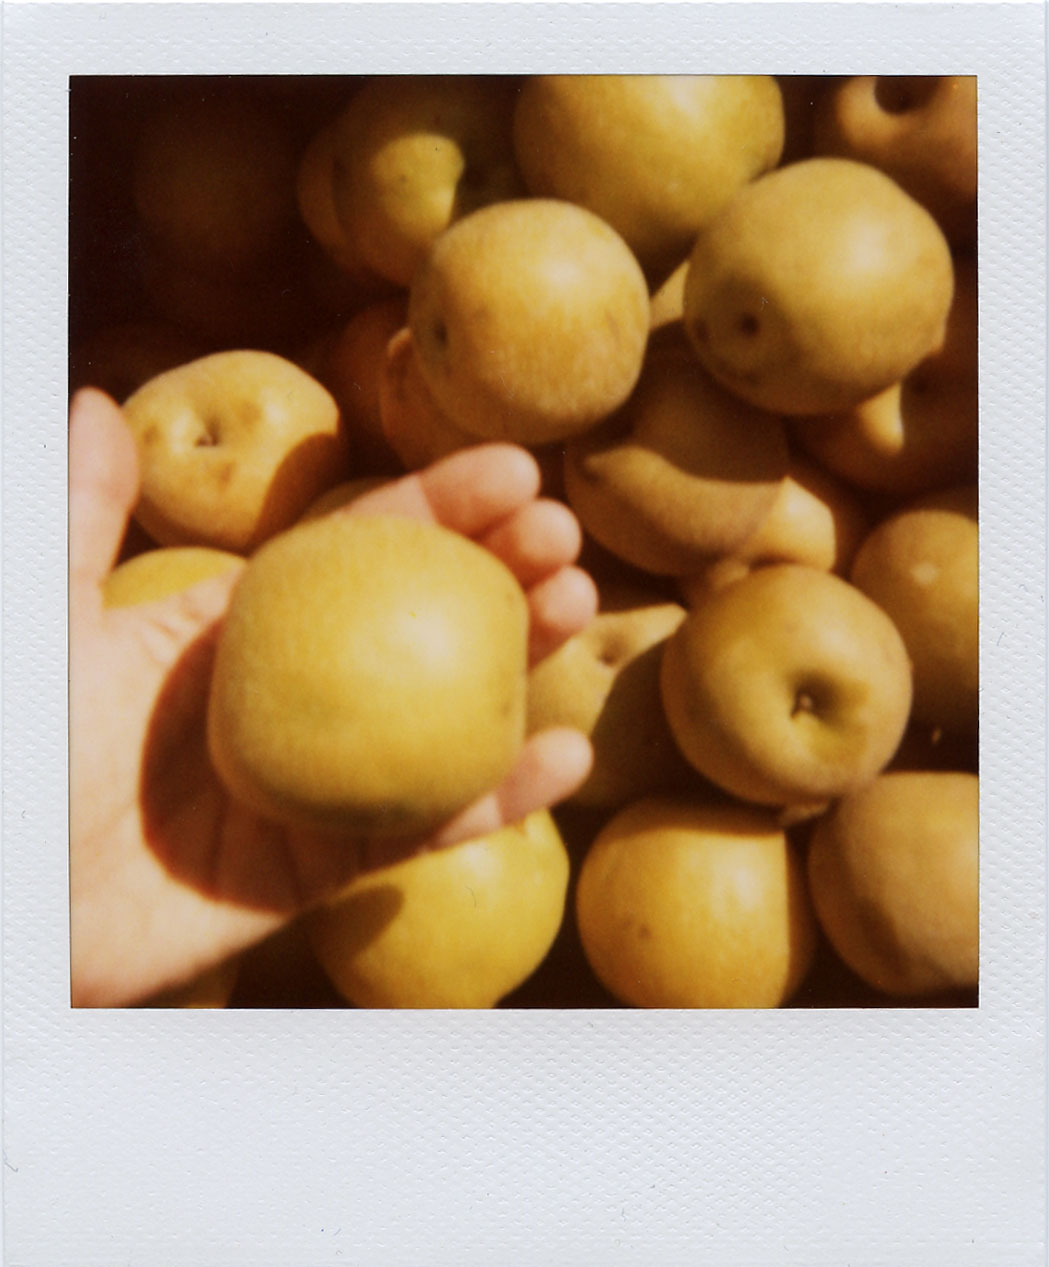 pola: apples